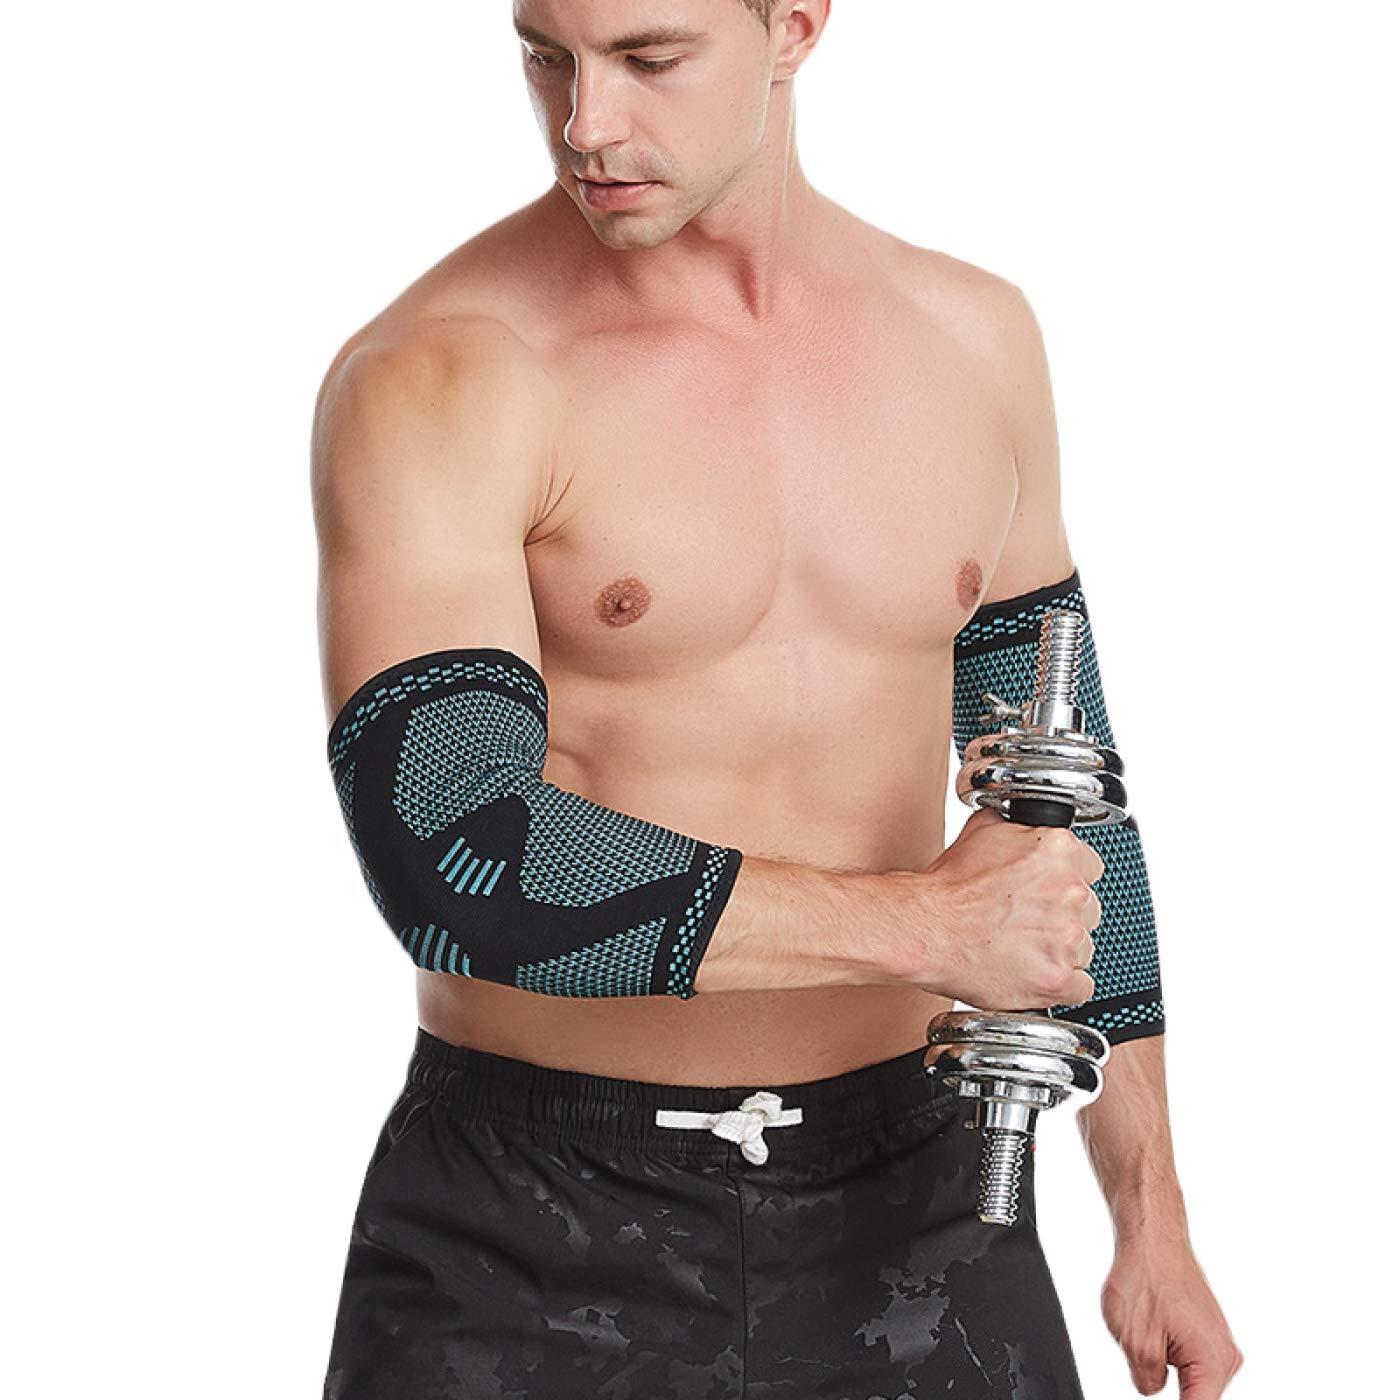 MEDGUARD Codera para hombres y mujeres, manga de compresión perfecta para el codo de tenis, codo de golfista, levantamiento de pesas, tendinitis y alivio del dolor en las articulaciones (M)